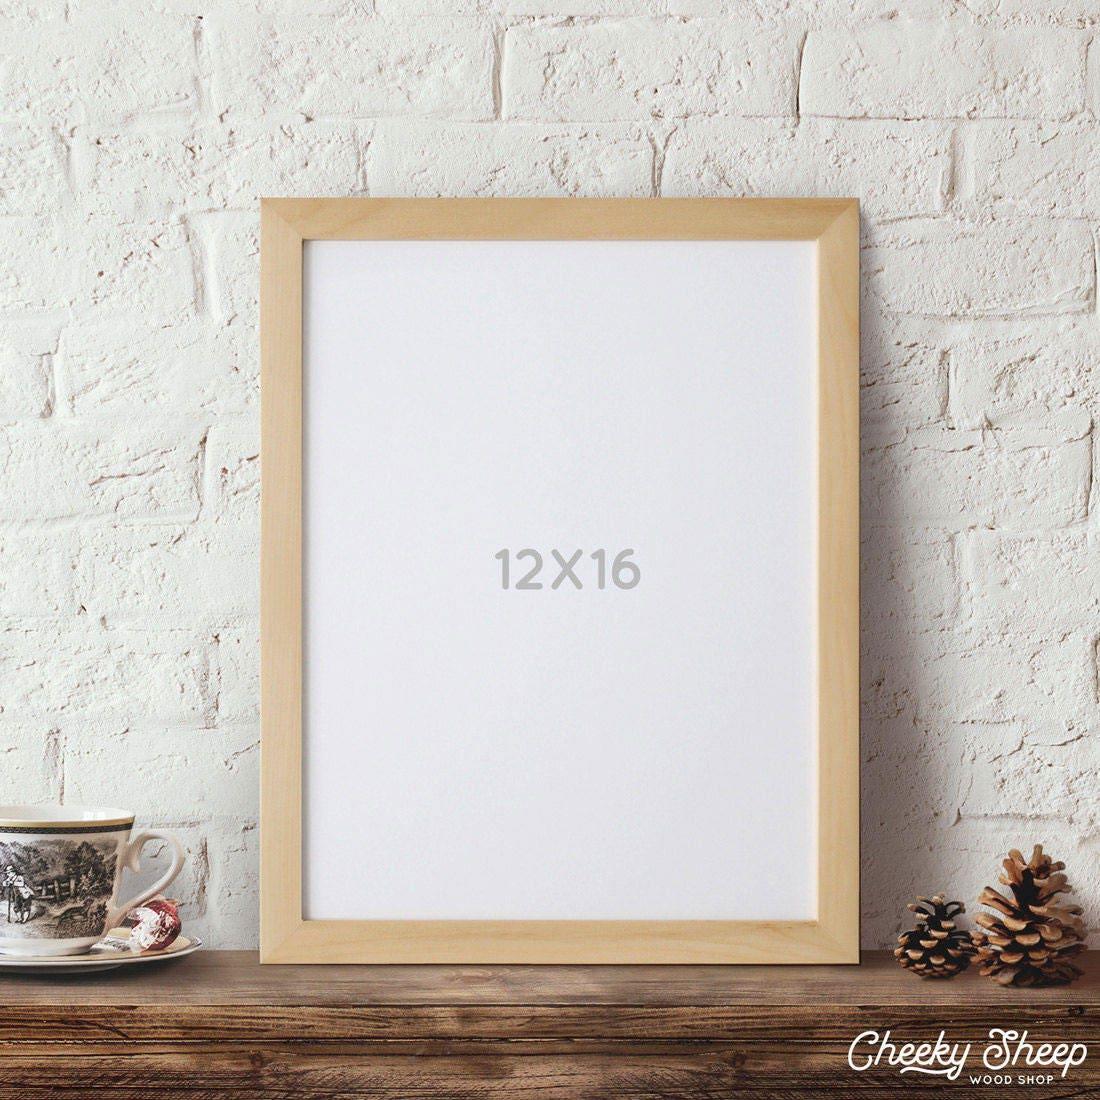 12x16 poster frame